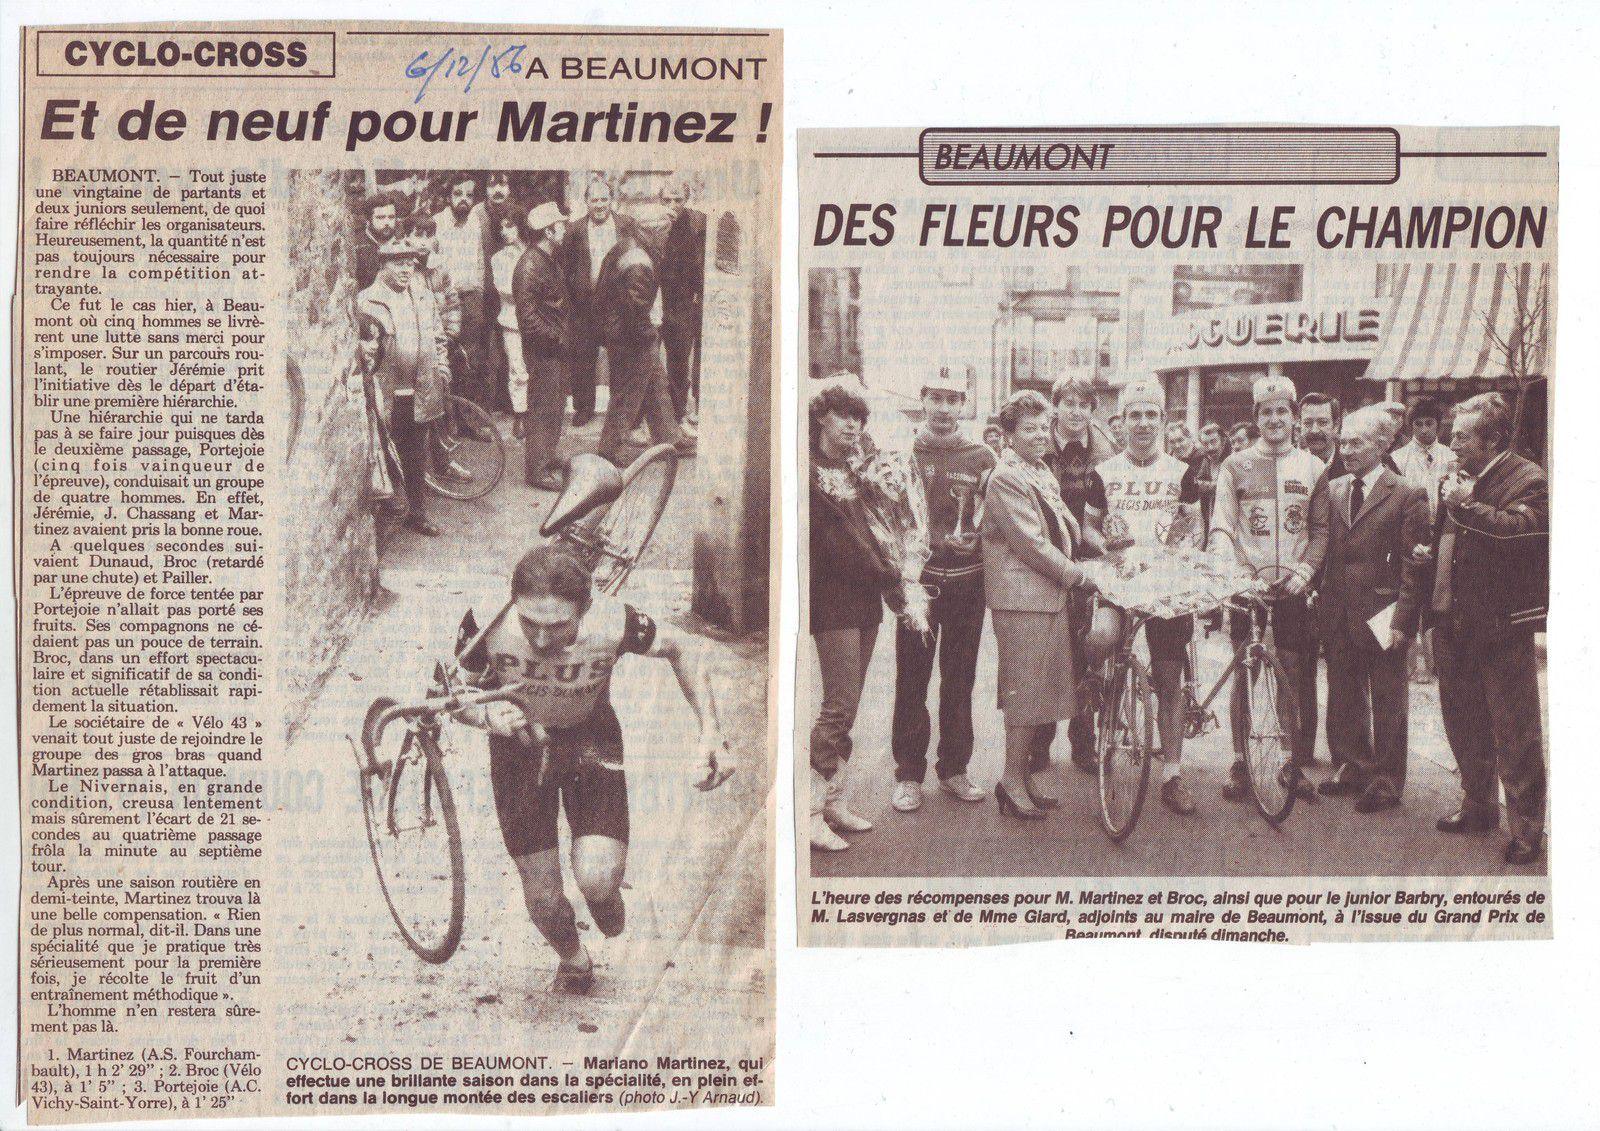 Cyclo-cross de Beaumont